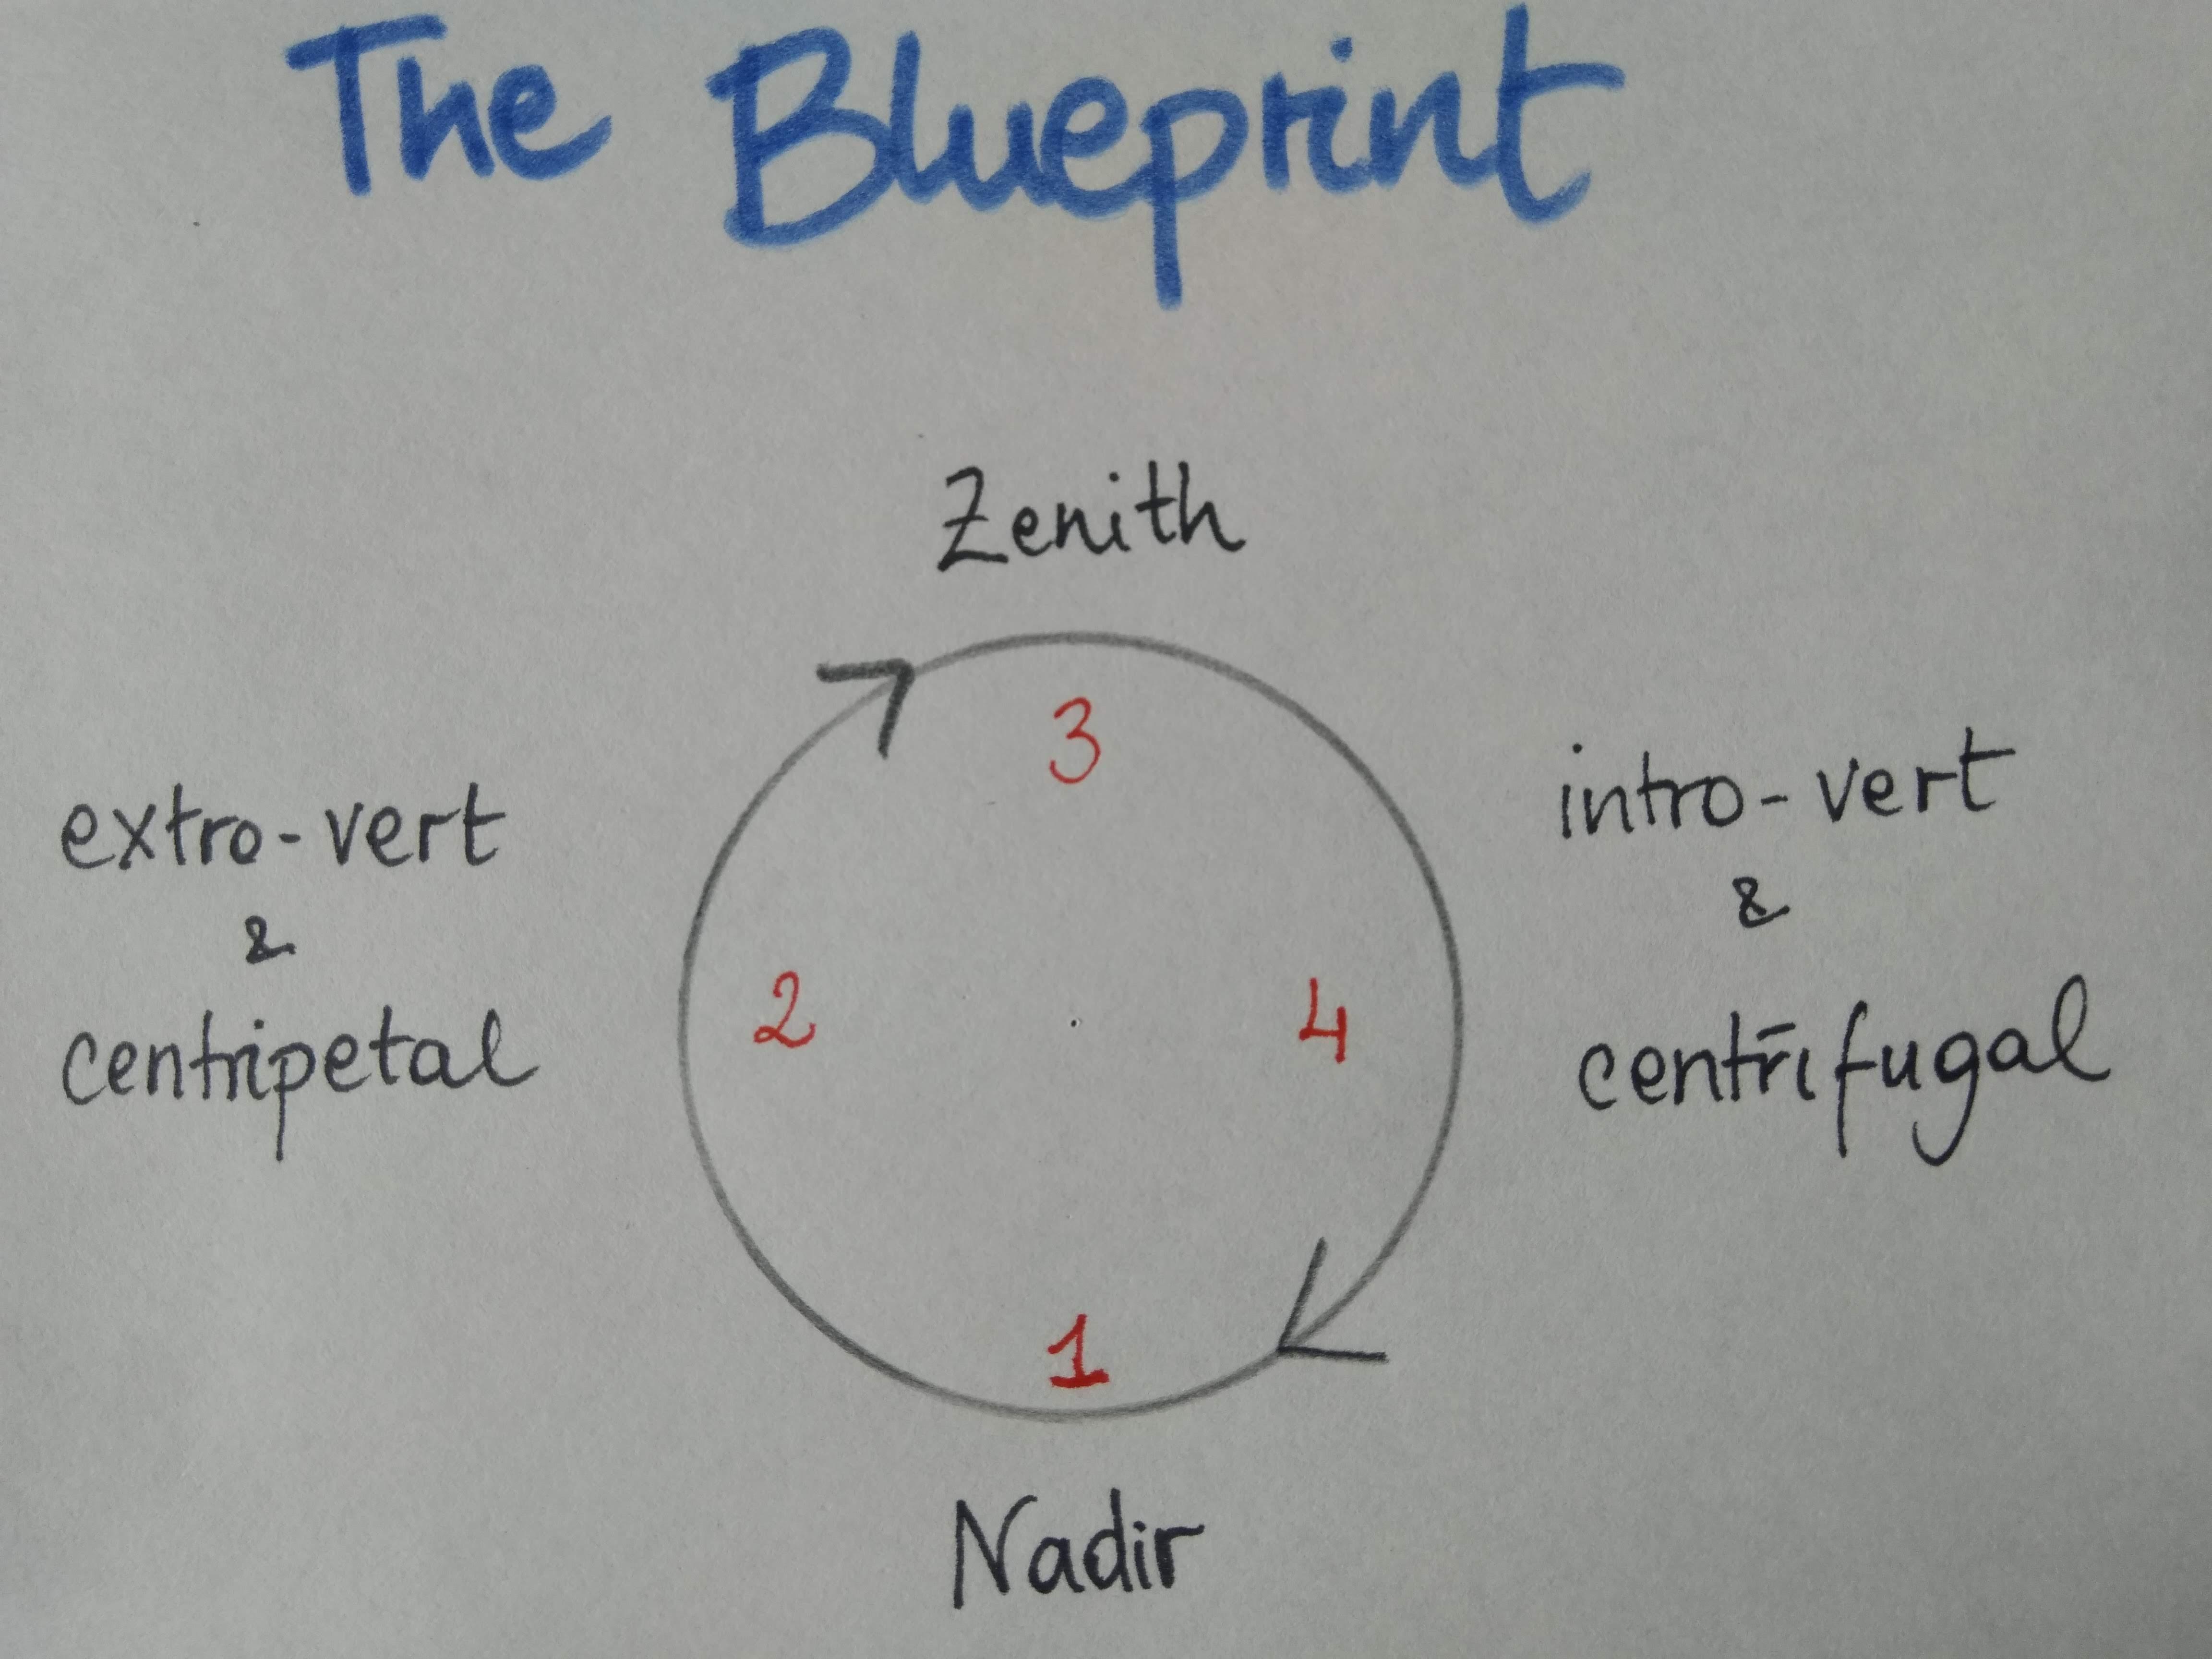 The cyclical blueprint